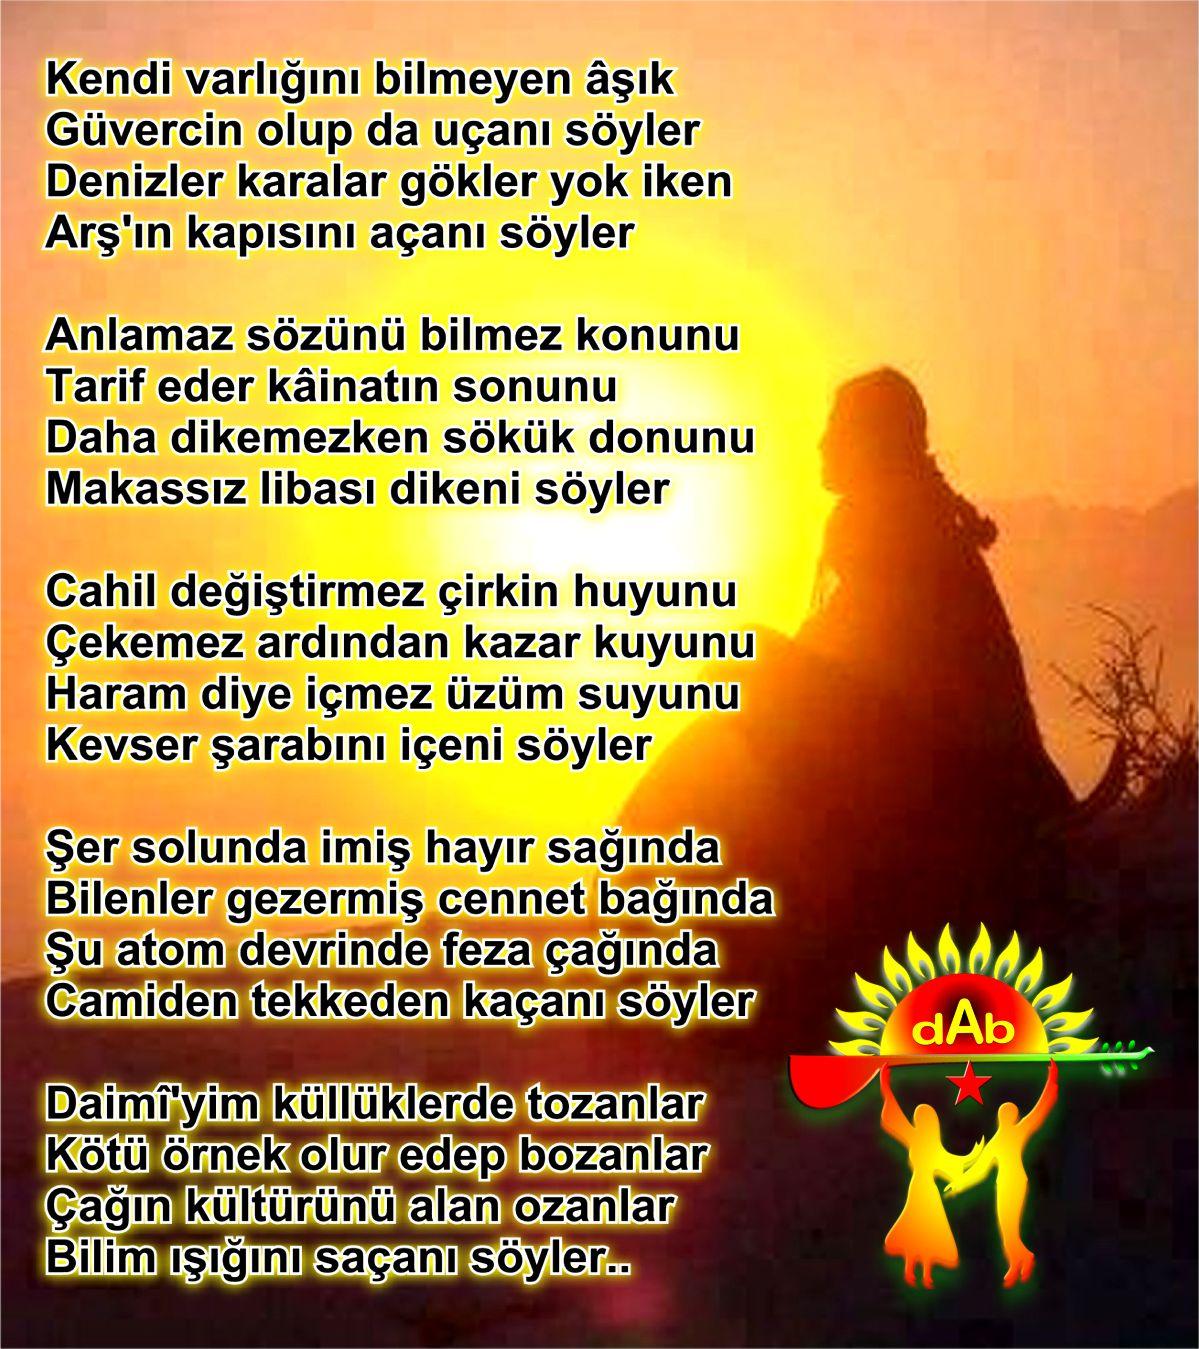 Alevi Bektaşi Kızılbaş Pir Sultan Devrimci Aleviler Birliği DAB deyis alev isik olmak